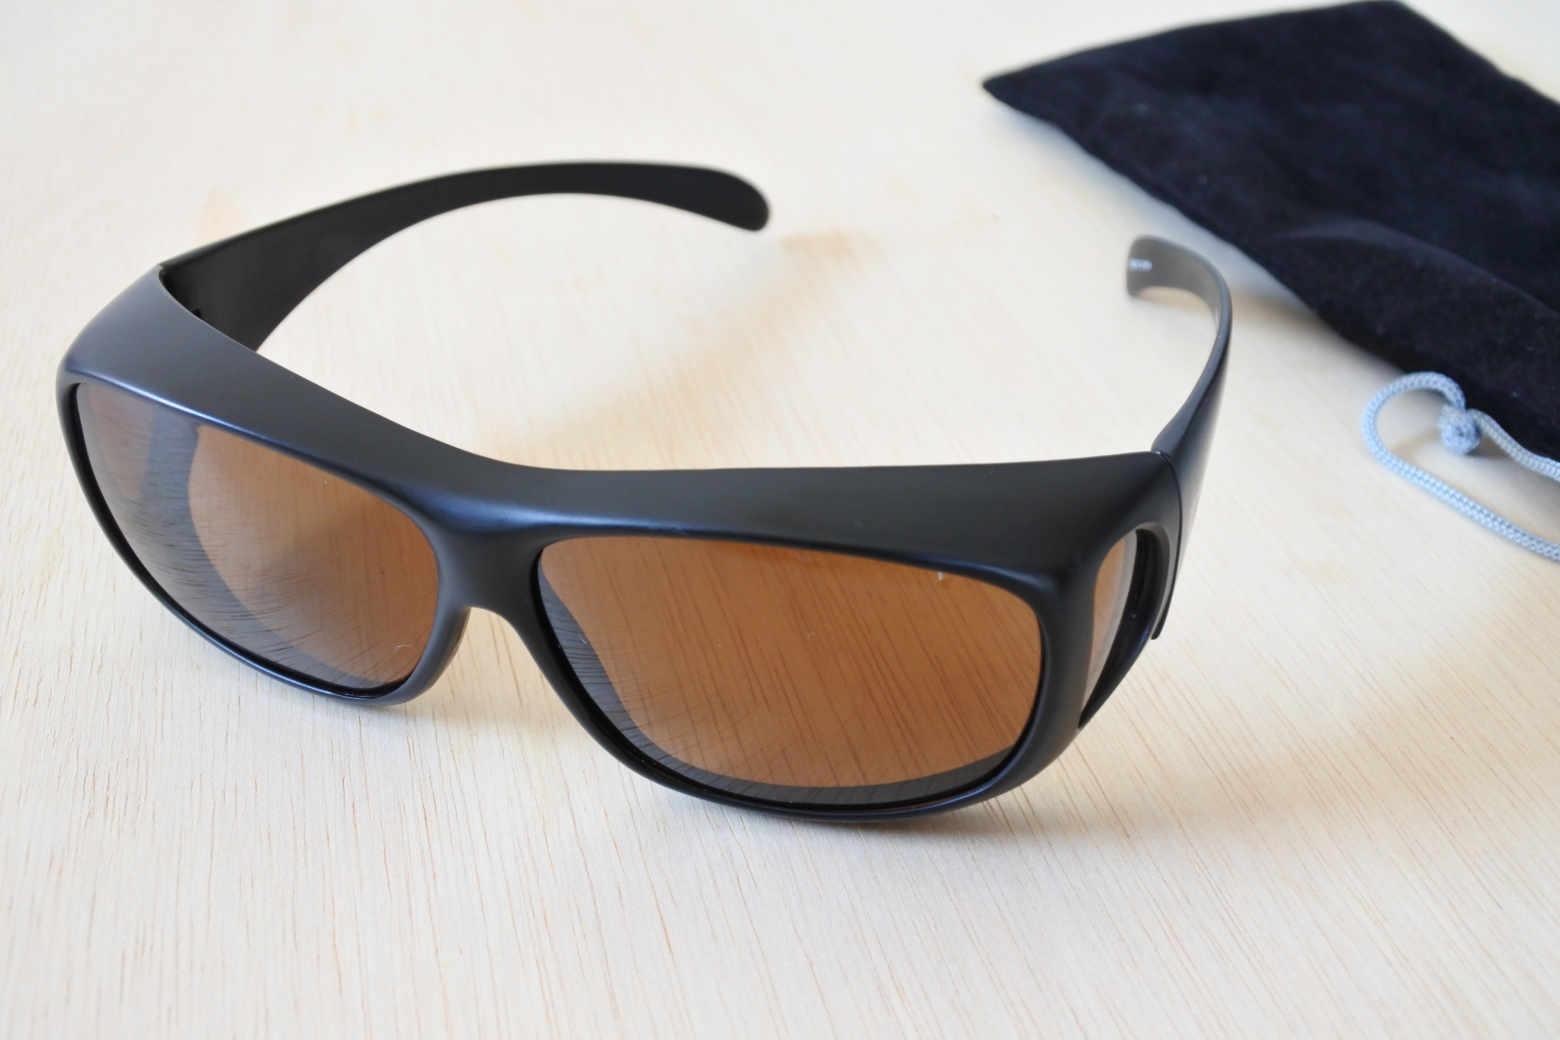 富士登山に必須! メガネの上からかけられる偏光サングラス:コールマンのオーバーグラス【インプレ】